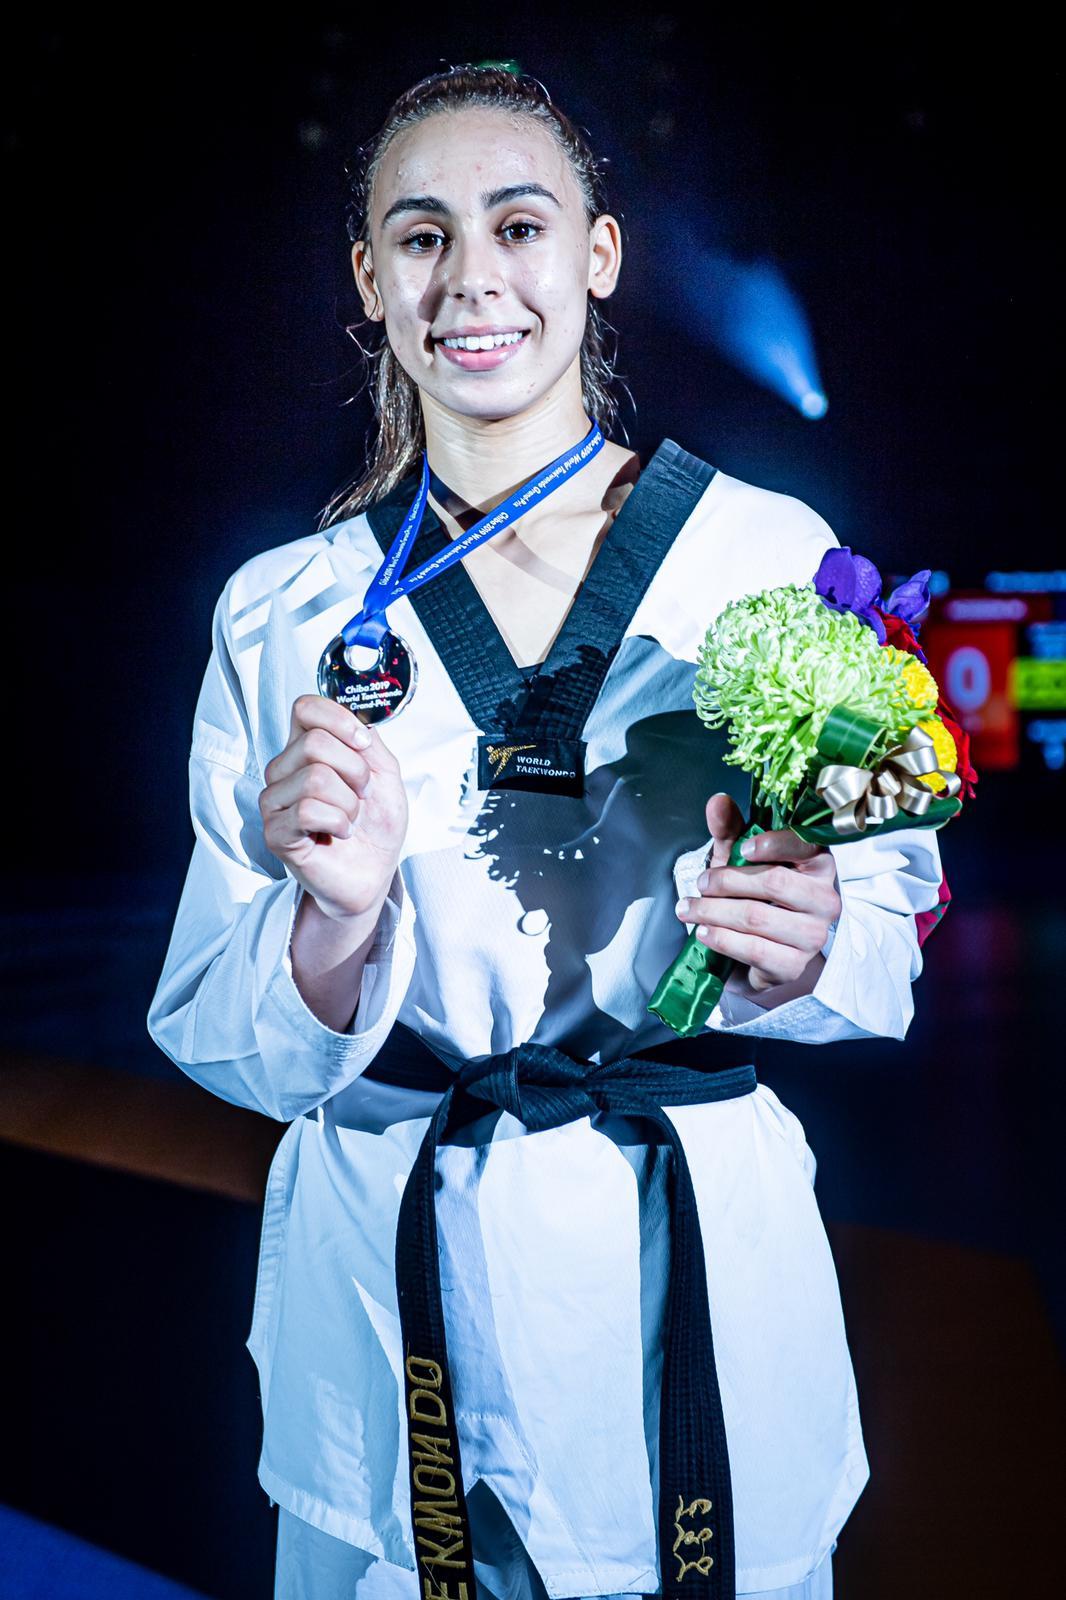 أول فضية للتايكواندو المغربي في الجائزة الكبرى باليابان